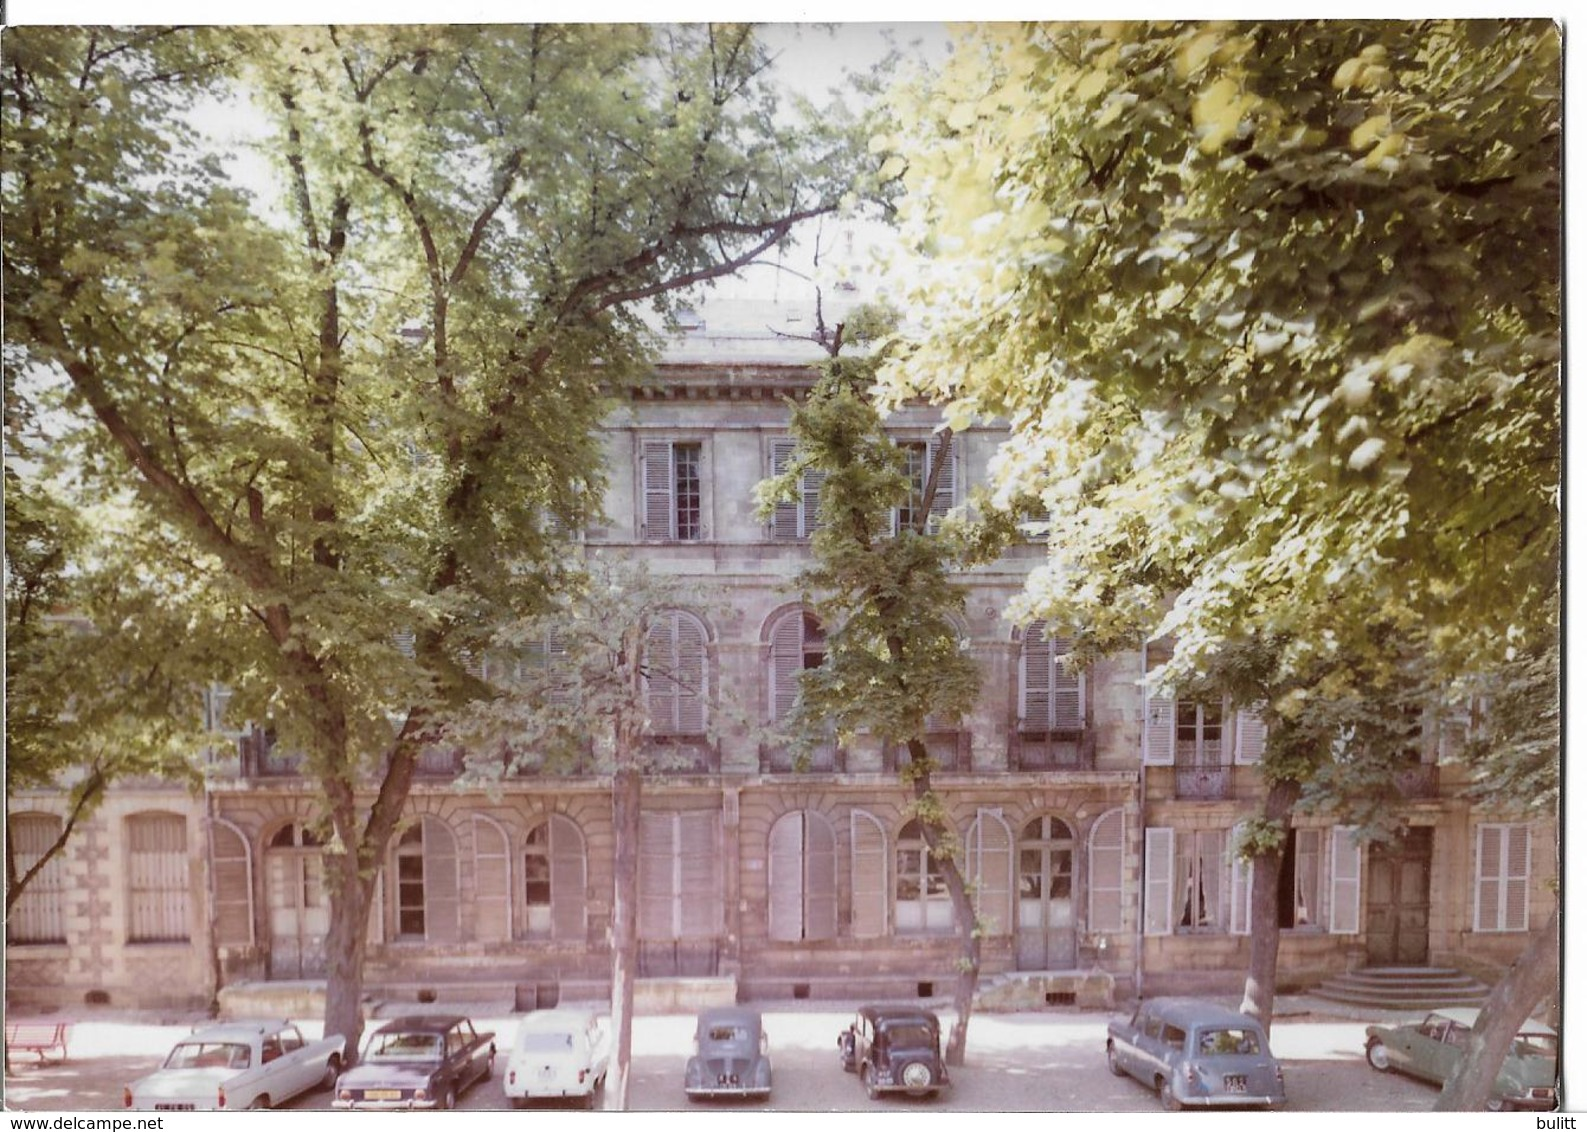 MOULINS - Une Place - Voiture : Peugeot 404 - 403 - Renault 4 L - 4 CV - Citroen DS - Moulins